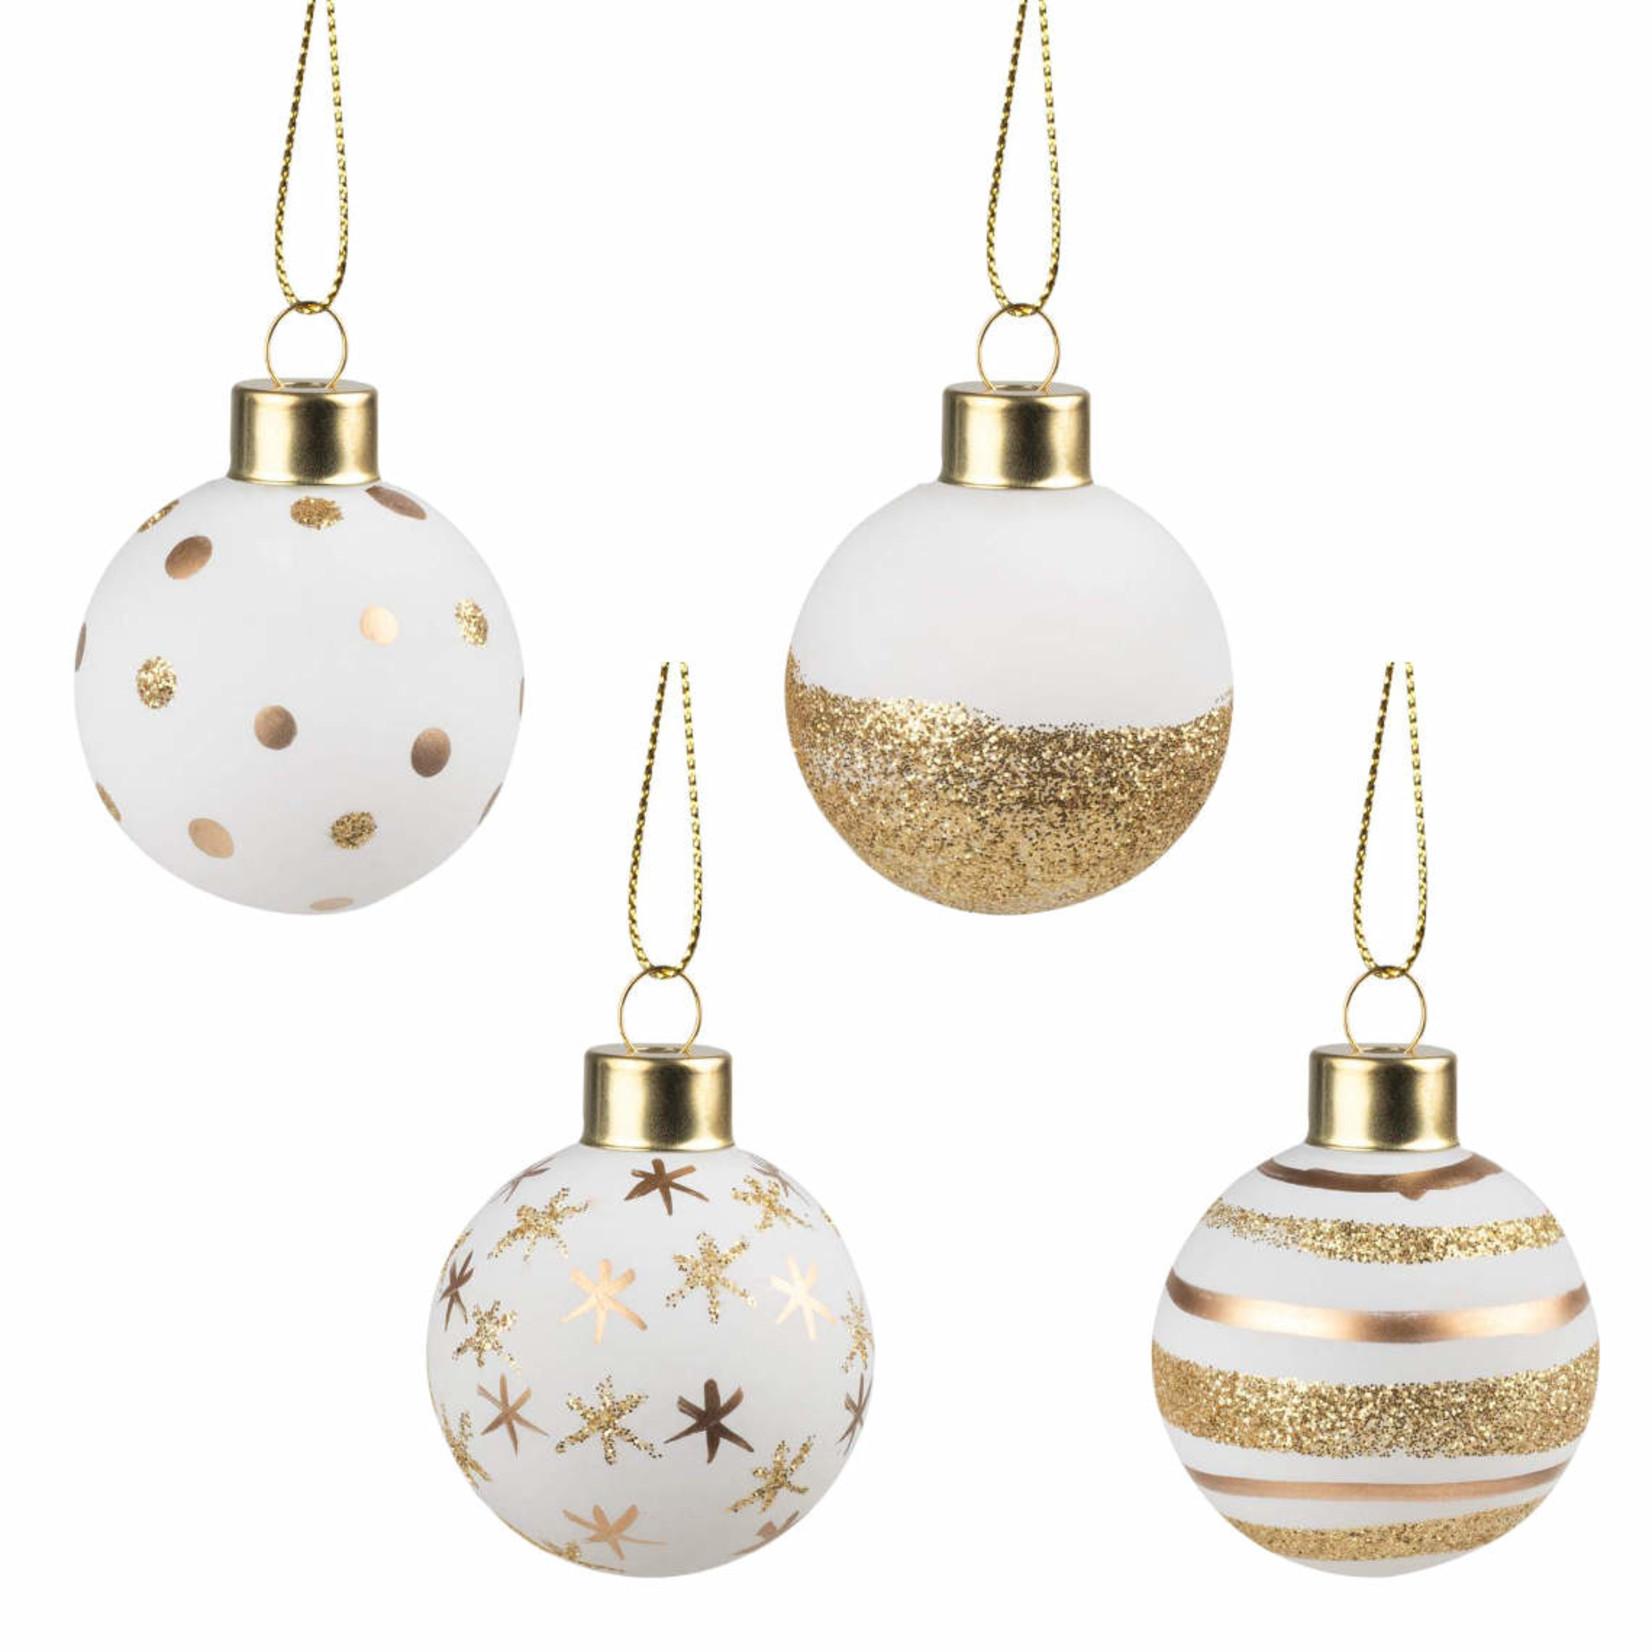 Räder Kerstballen - Wit/Goud - Set van 4